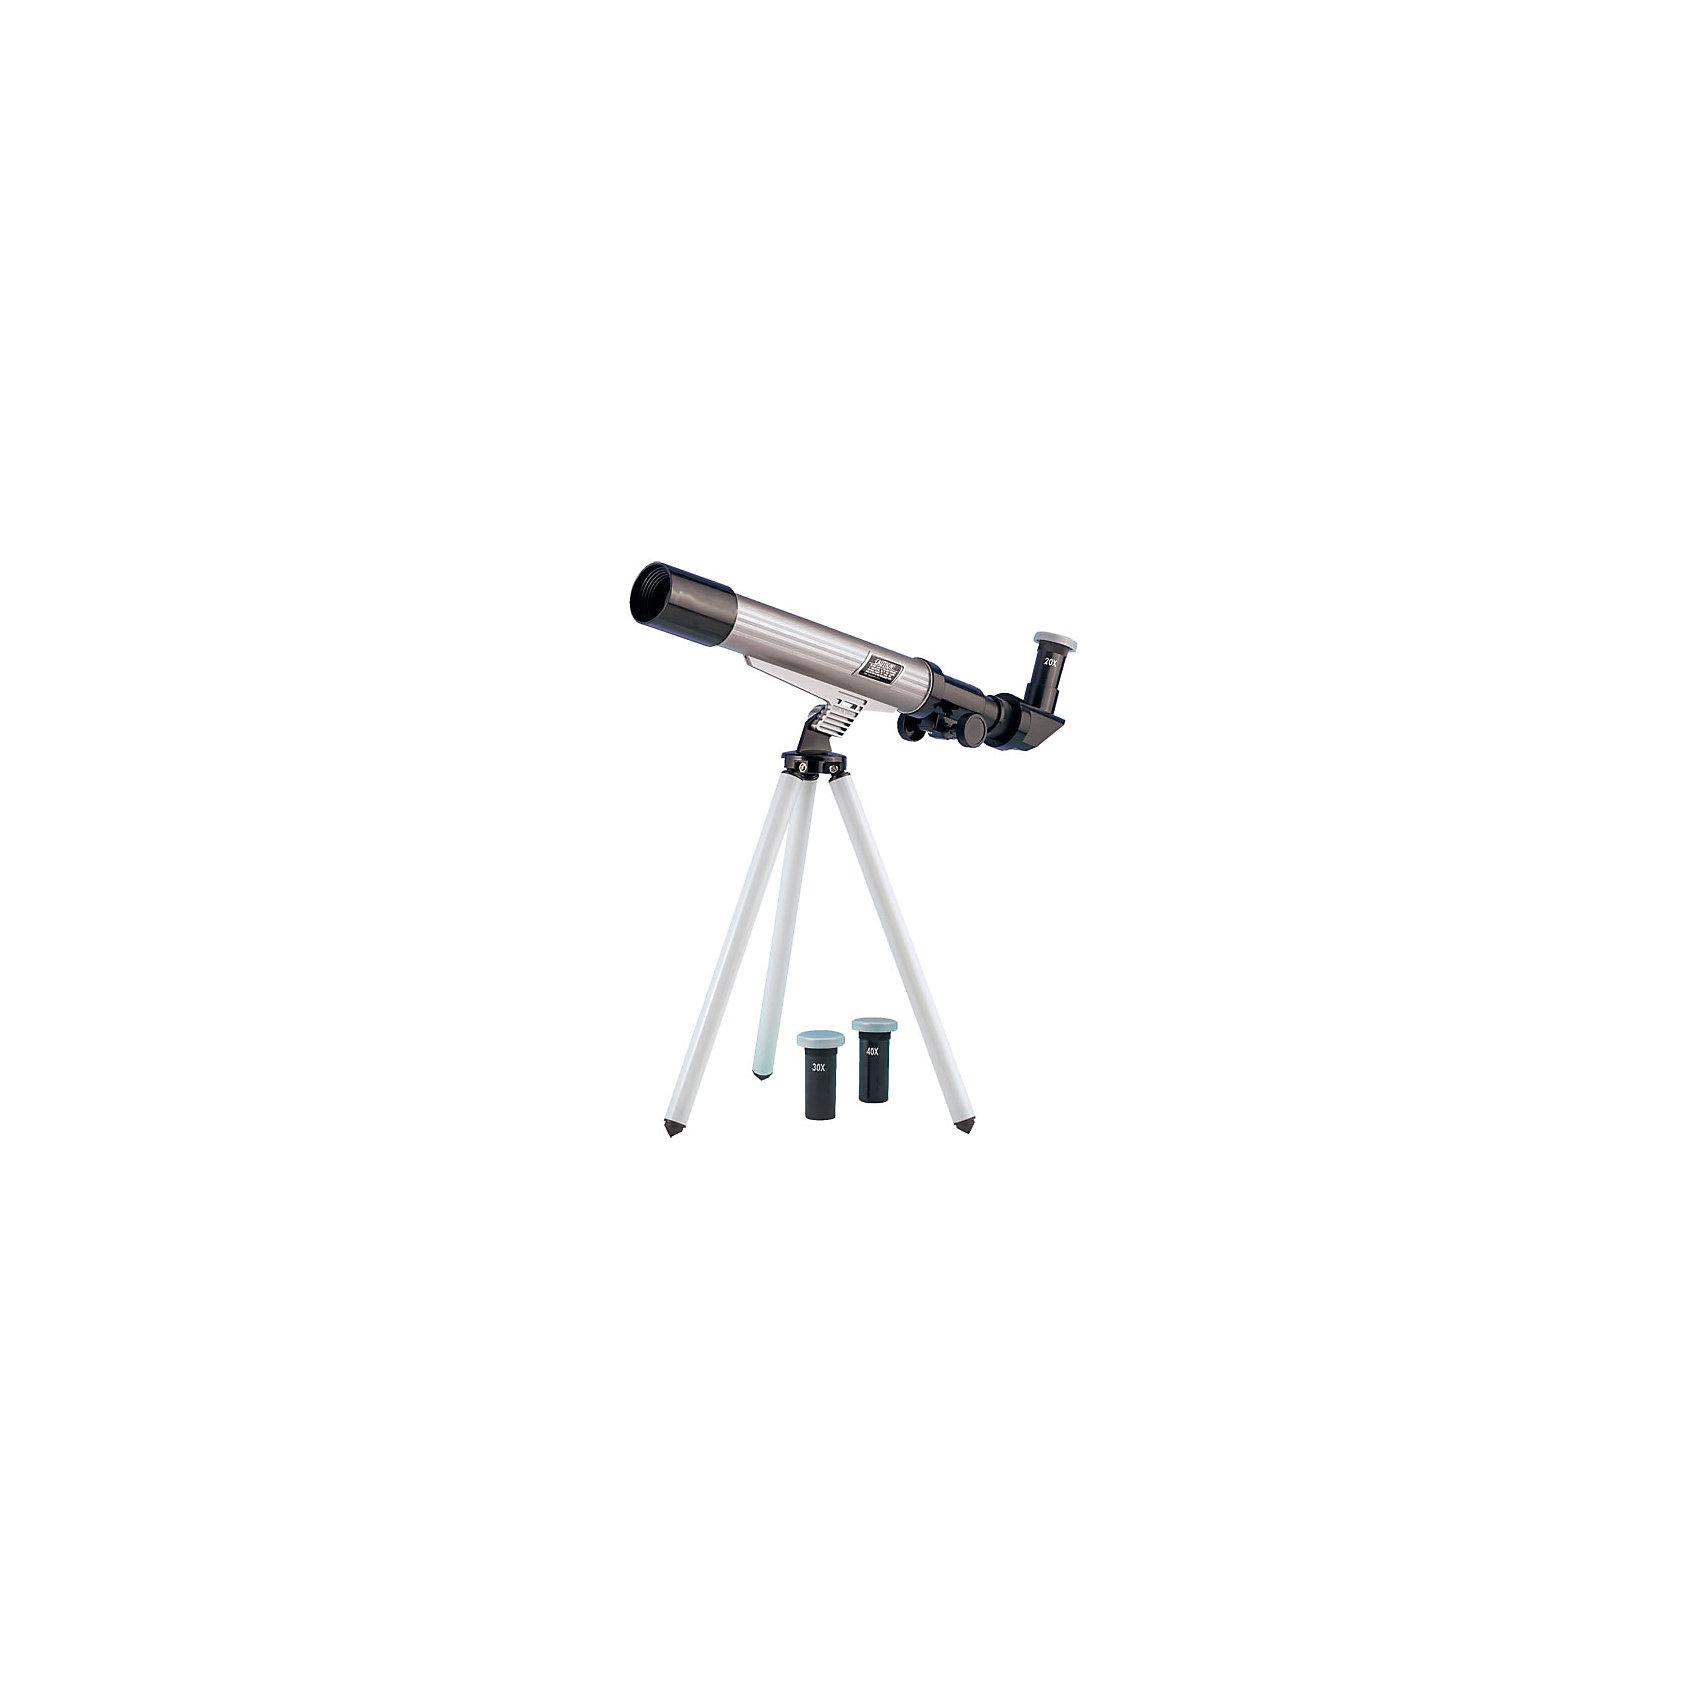 Телескоп 20*30*40, Edu-ToysДетские телескопы<br>Телескоп, Edu-Toys, станет замечательным помощником для юного исследователя и поможет вести увлекательные наблюдения за окружающим миром и звездным небом. Прибор представляет собой металлический корпус, который следует закрепить на штативе-треноге. Сменные окулярами с увеличением 20х, 30х, 40х дают возможность вести наблюдение за разными типами объектов. Специальная ручка регулировки поможет наладить нужную резкость и сделать наблюдаемый объект четче, имеется диагональное зеркало.  <br><br>Дополнительная информация:<br><br>- Материал: металл, пластик. <br>- Длина корпуса телескопа: 25 см.<br>- Высота штатива: 41 см.<br>- Диаметр объектива: 30 мм.<br>- Окуляры: 20х, 30х, 40х.  <br>- Фокусируемая длина: 500 мм.<br>- Размер упаковки: 17,8 х 7,5 х 45,8 см.<br>- Вес: 0,608 кг.<br><br>Телескоп 20*30*40, Edu-Toys, можно купить в нашем интернет-магазине.<br><br>Ширина мм: 458<br>Глубина мм: 75<br>Высота мм: 178<br>Вес г: 608<br>Возраст от месяцев: 96<br>Возраст до месяцев: 144<br>Пол: Унисекс<br>Возраст: Детский<br>SKU: 4013732